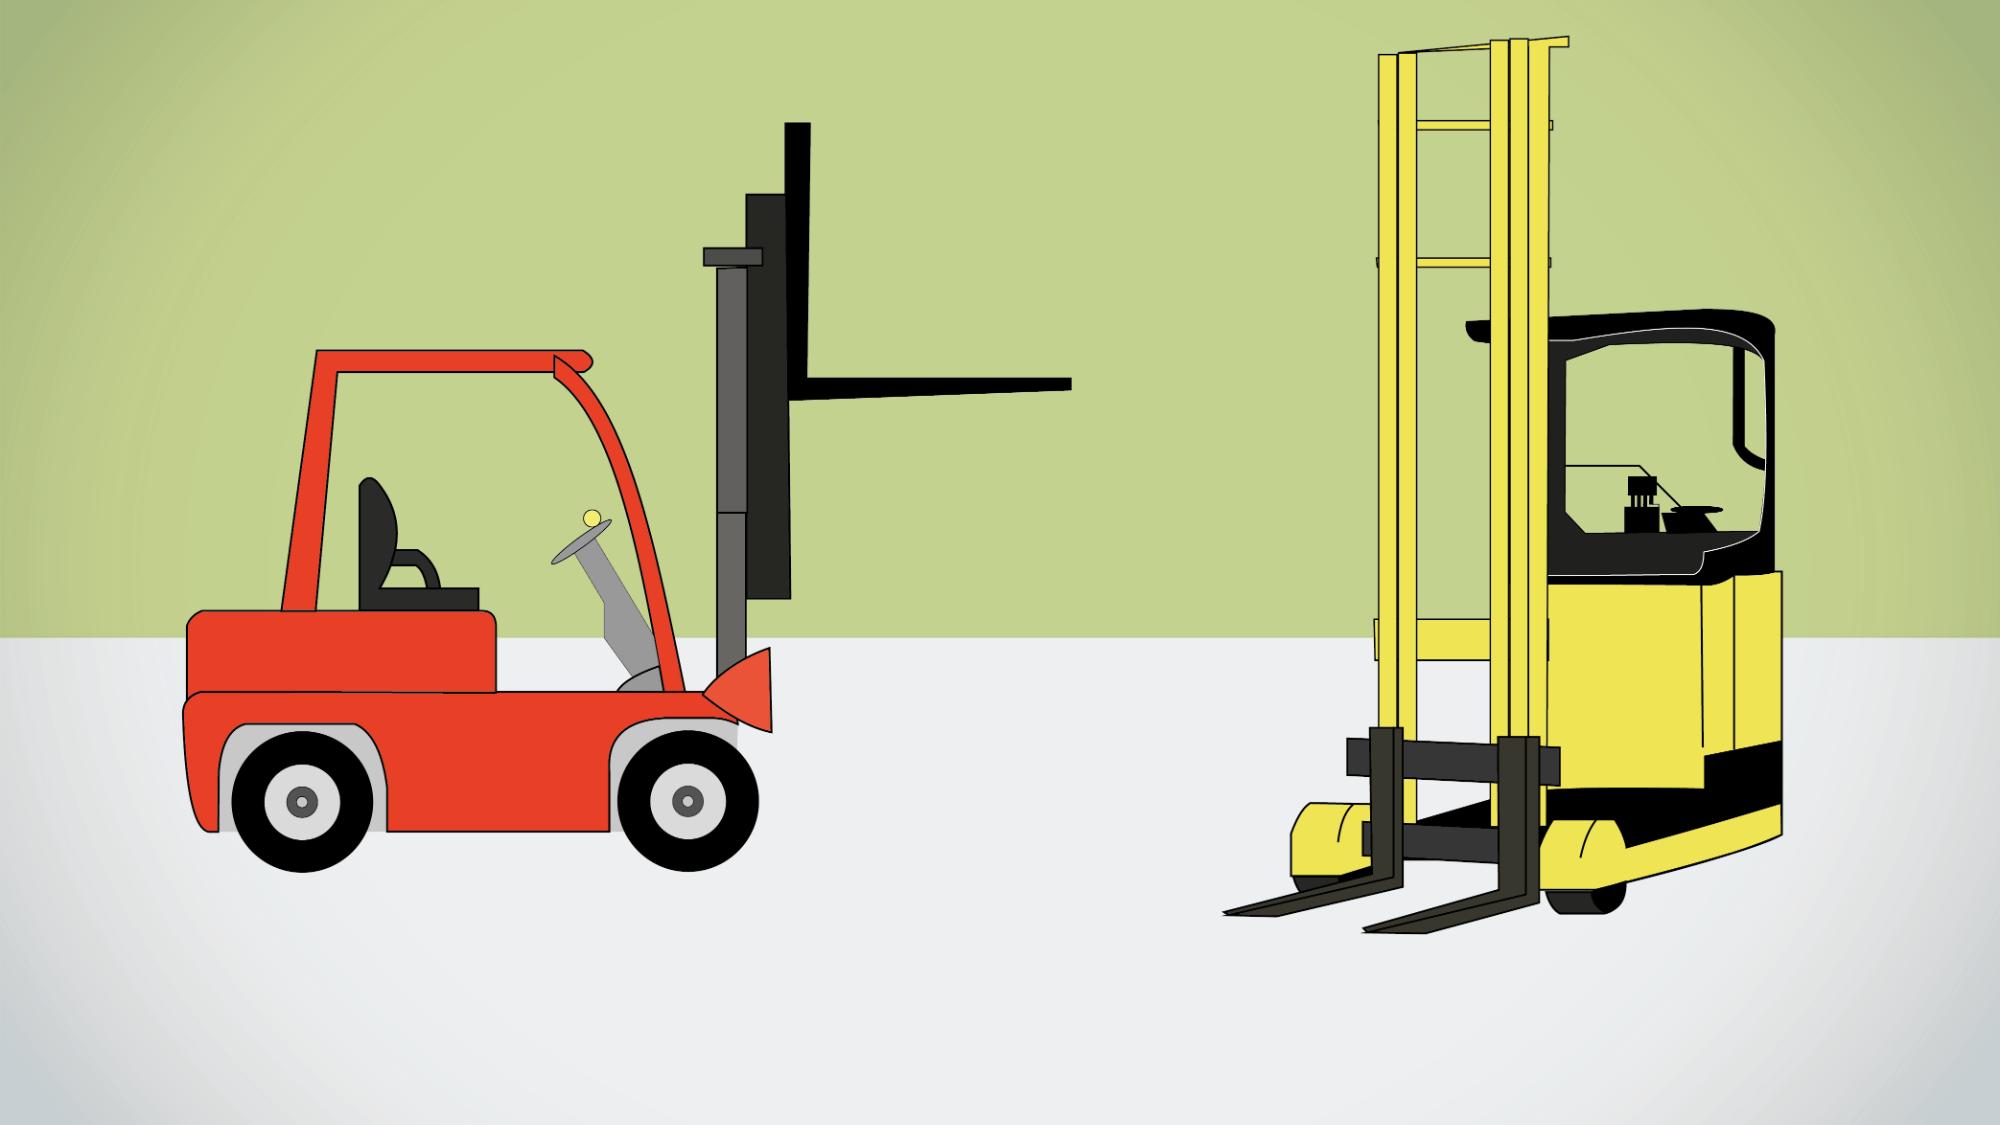 Représentation de la formation : Recyclage conduite en sécurité de chariots automoteurs